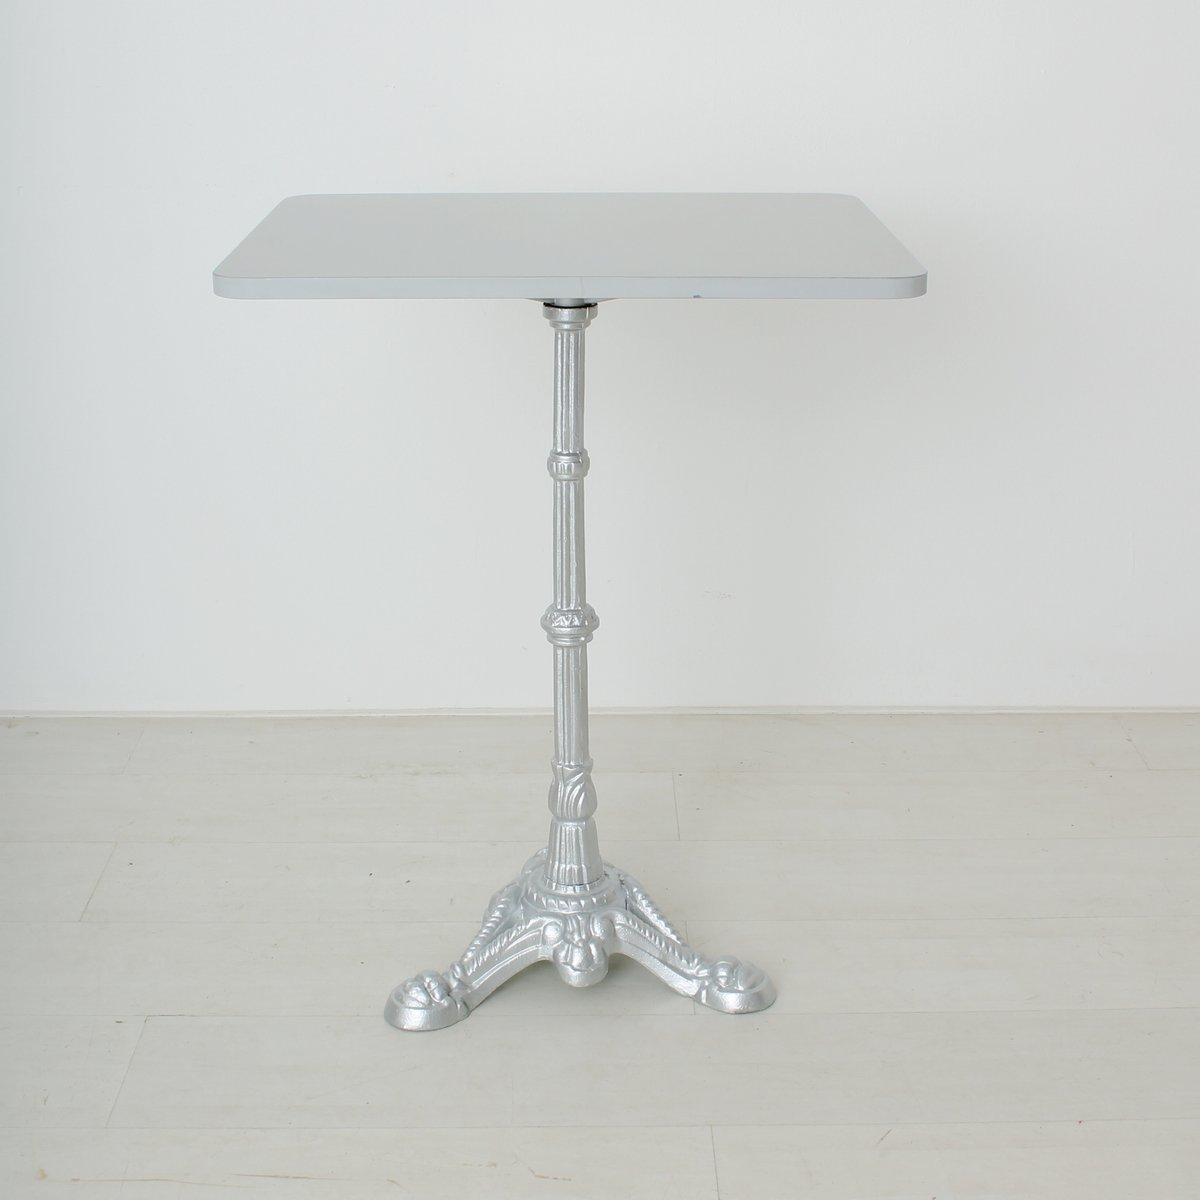 silber grau lackierter vintage beistelltisch aus metall. Black Bedroom Furniture Sets. Home Design Ideas